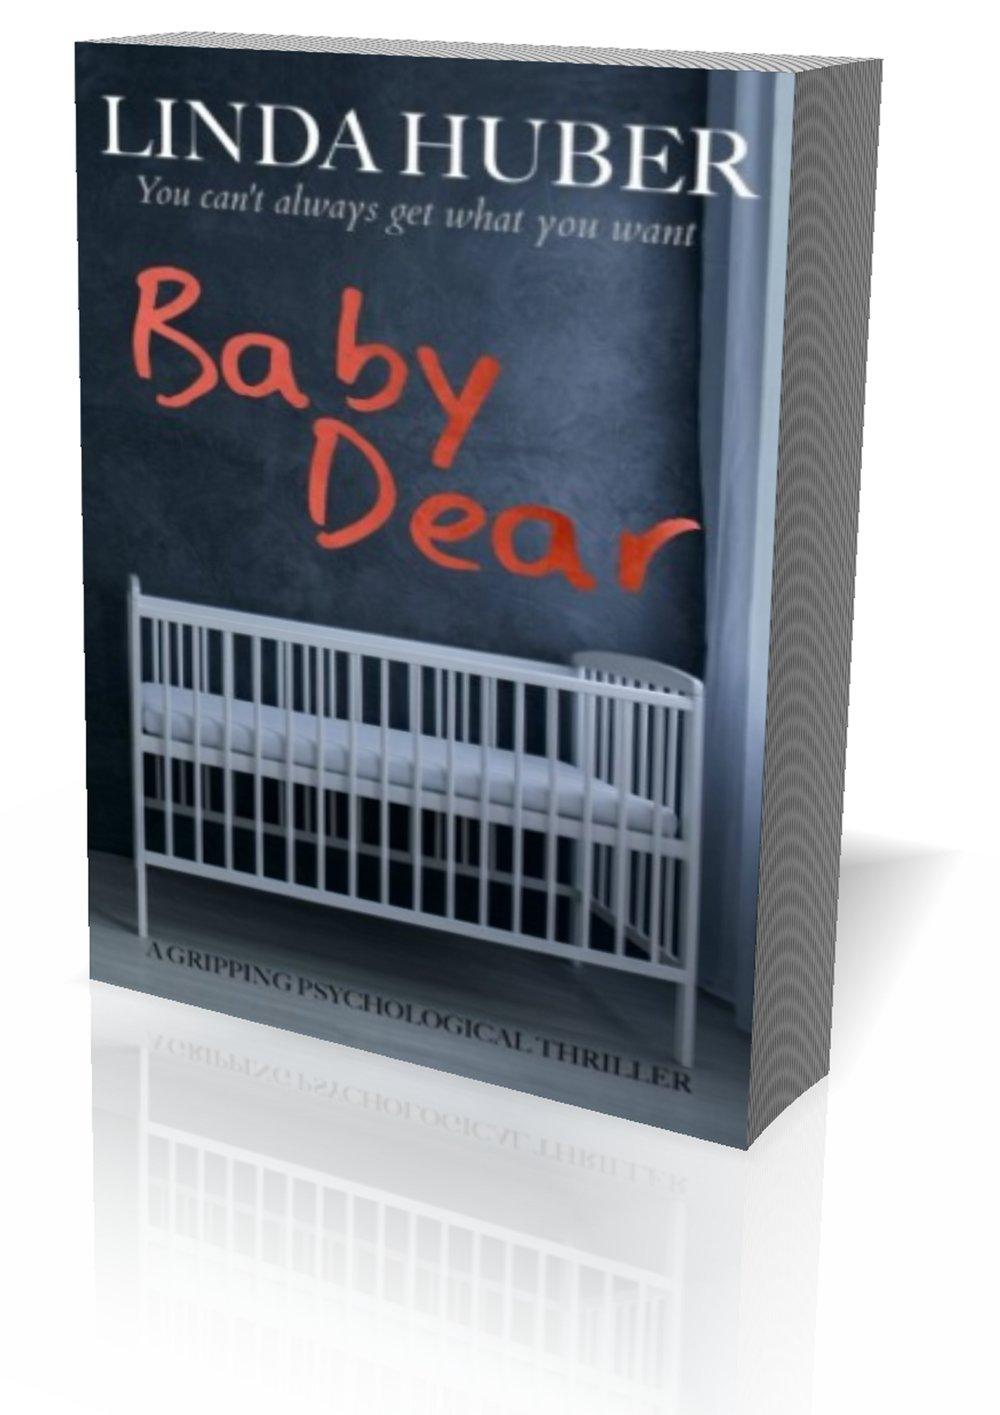 BabyDear.jpg